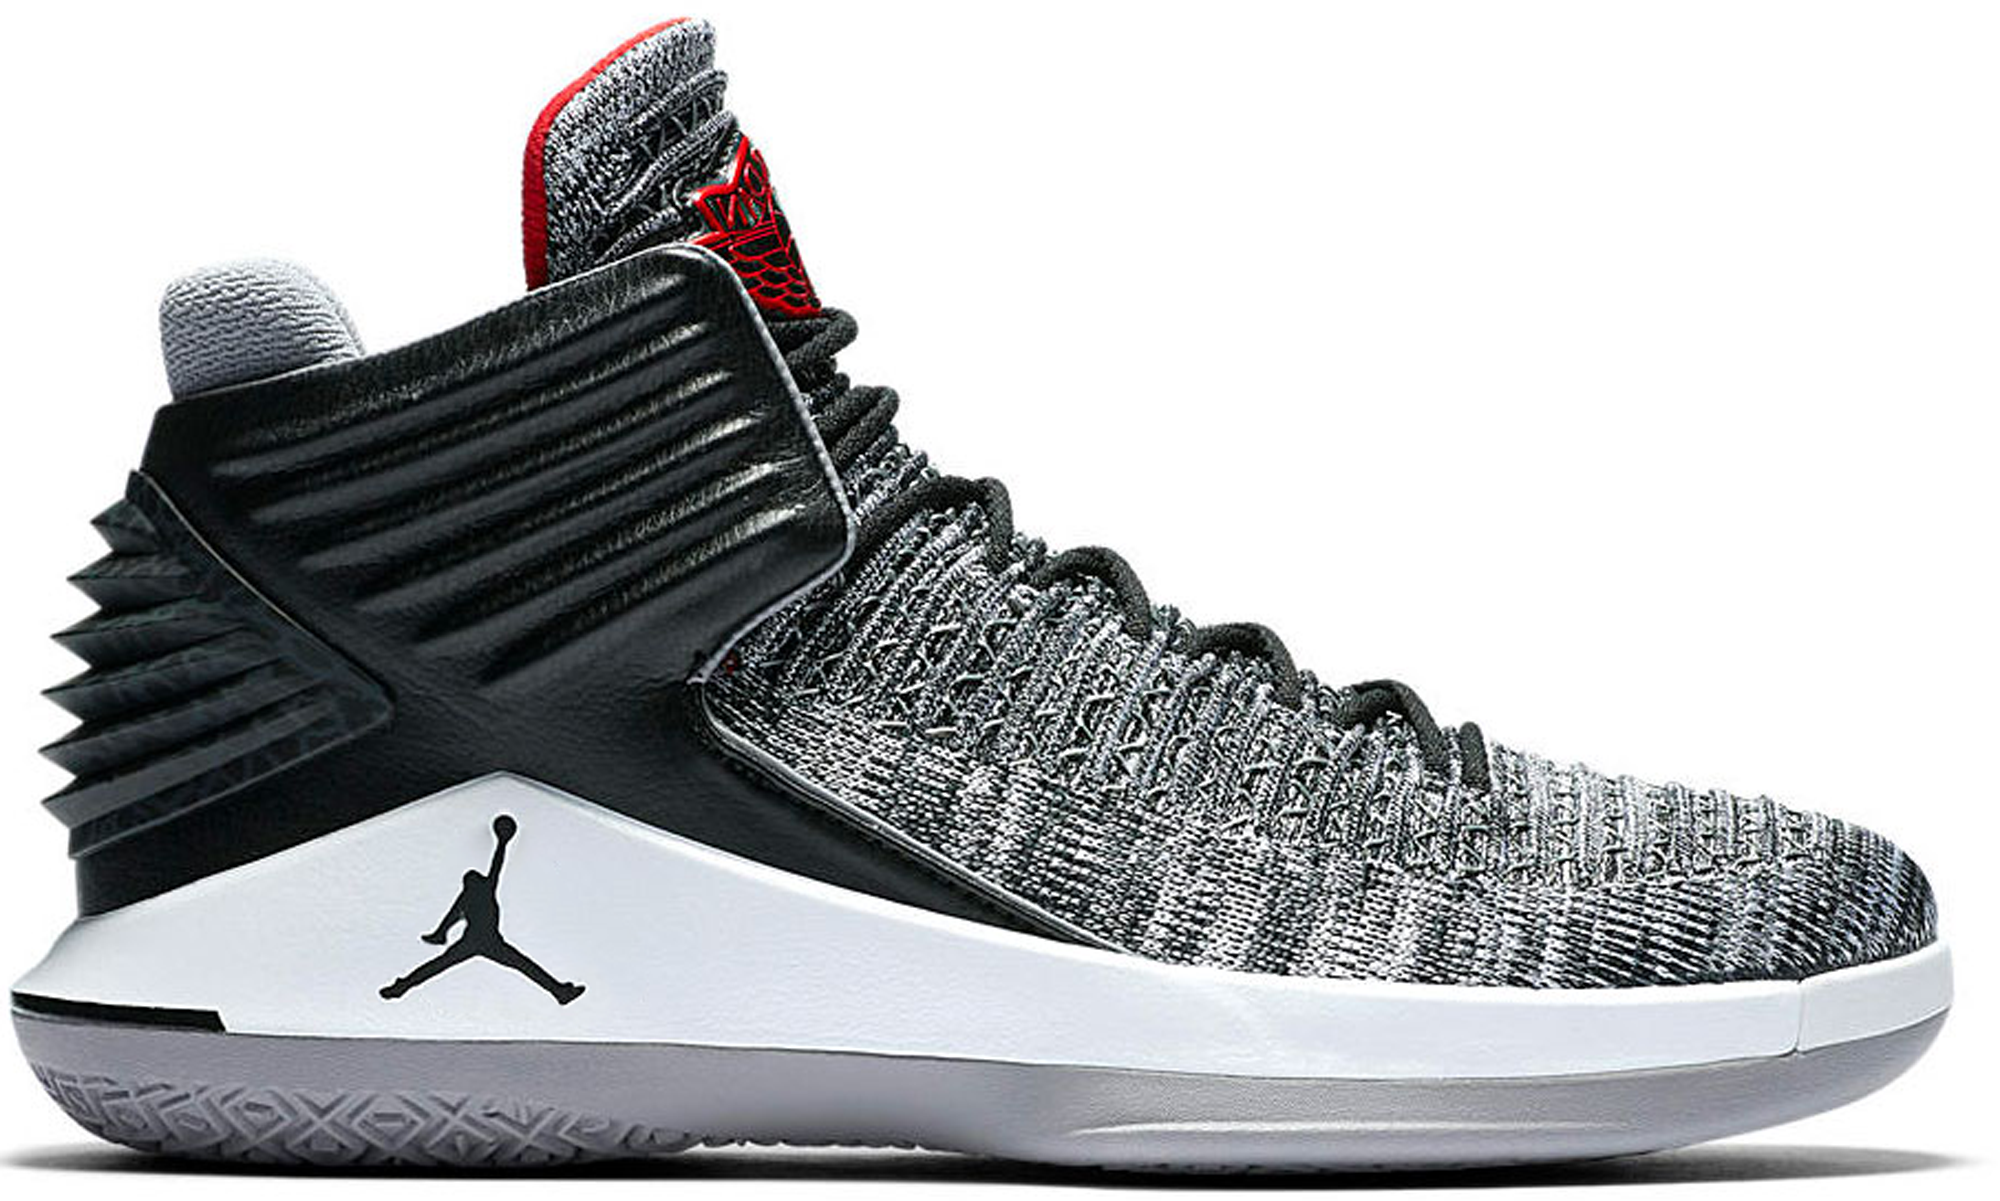 Jordan XXXII Black Cement